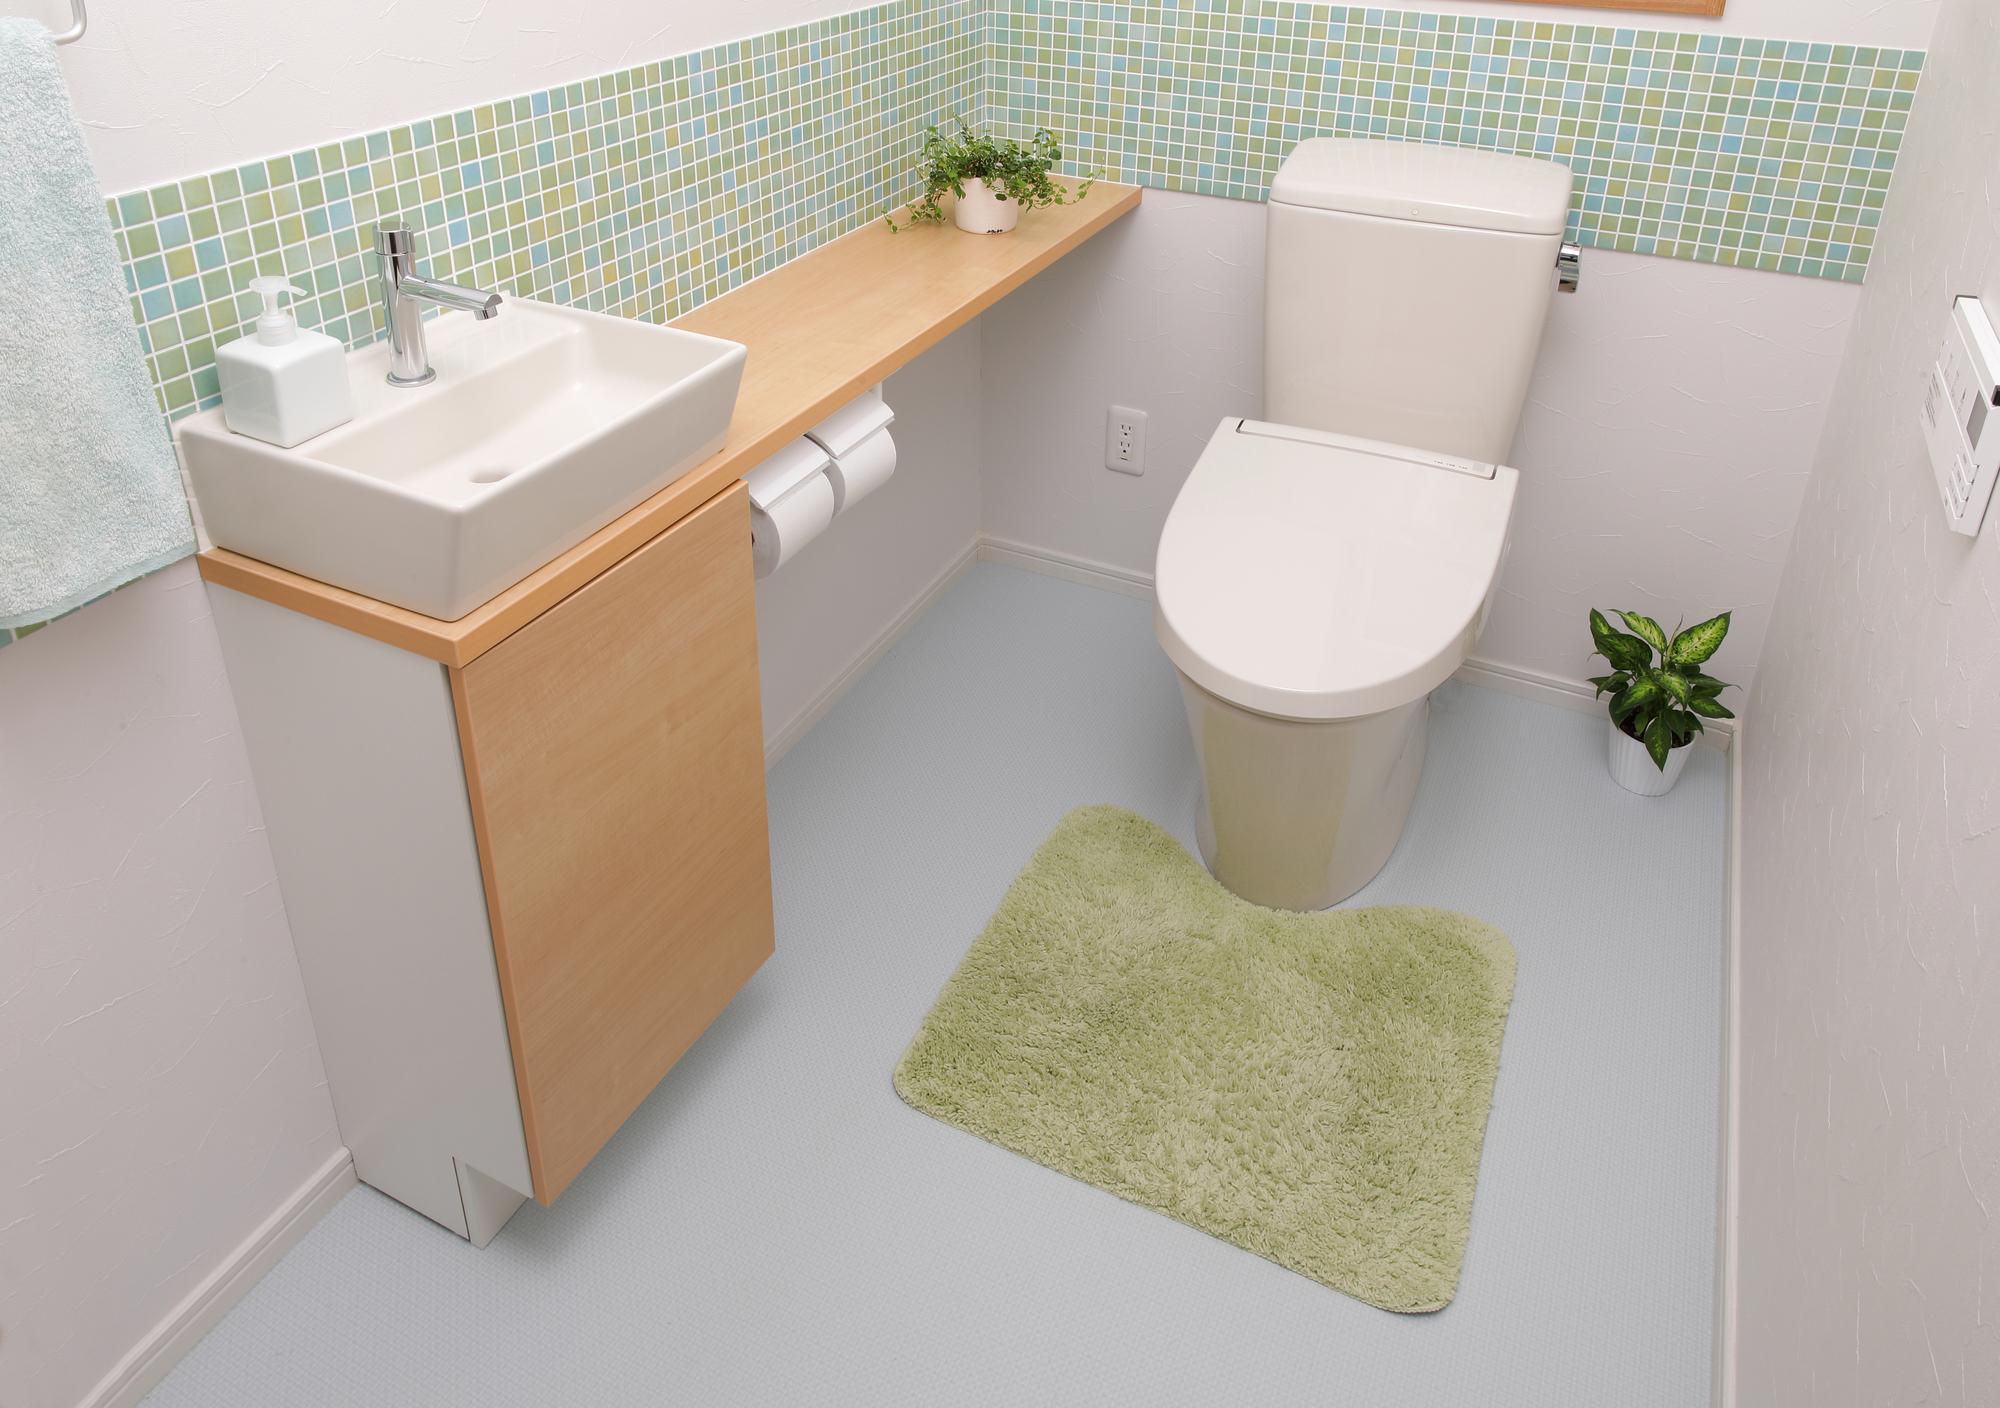 トイレの壁紙は何を選べばいい おすすめの選び方をご紹介 Art